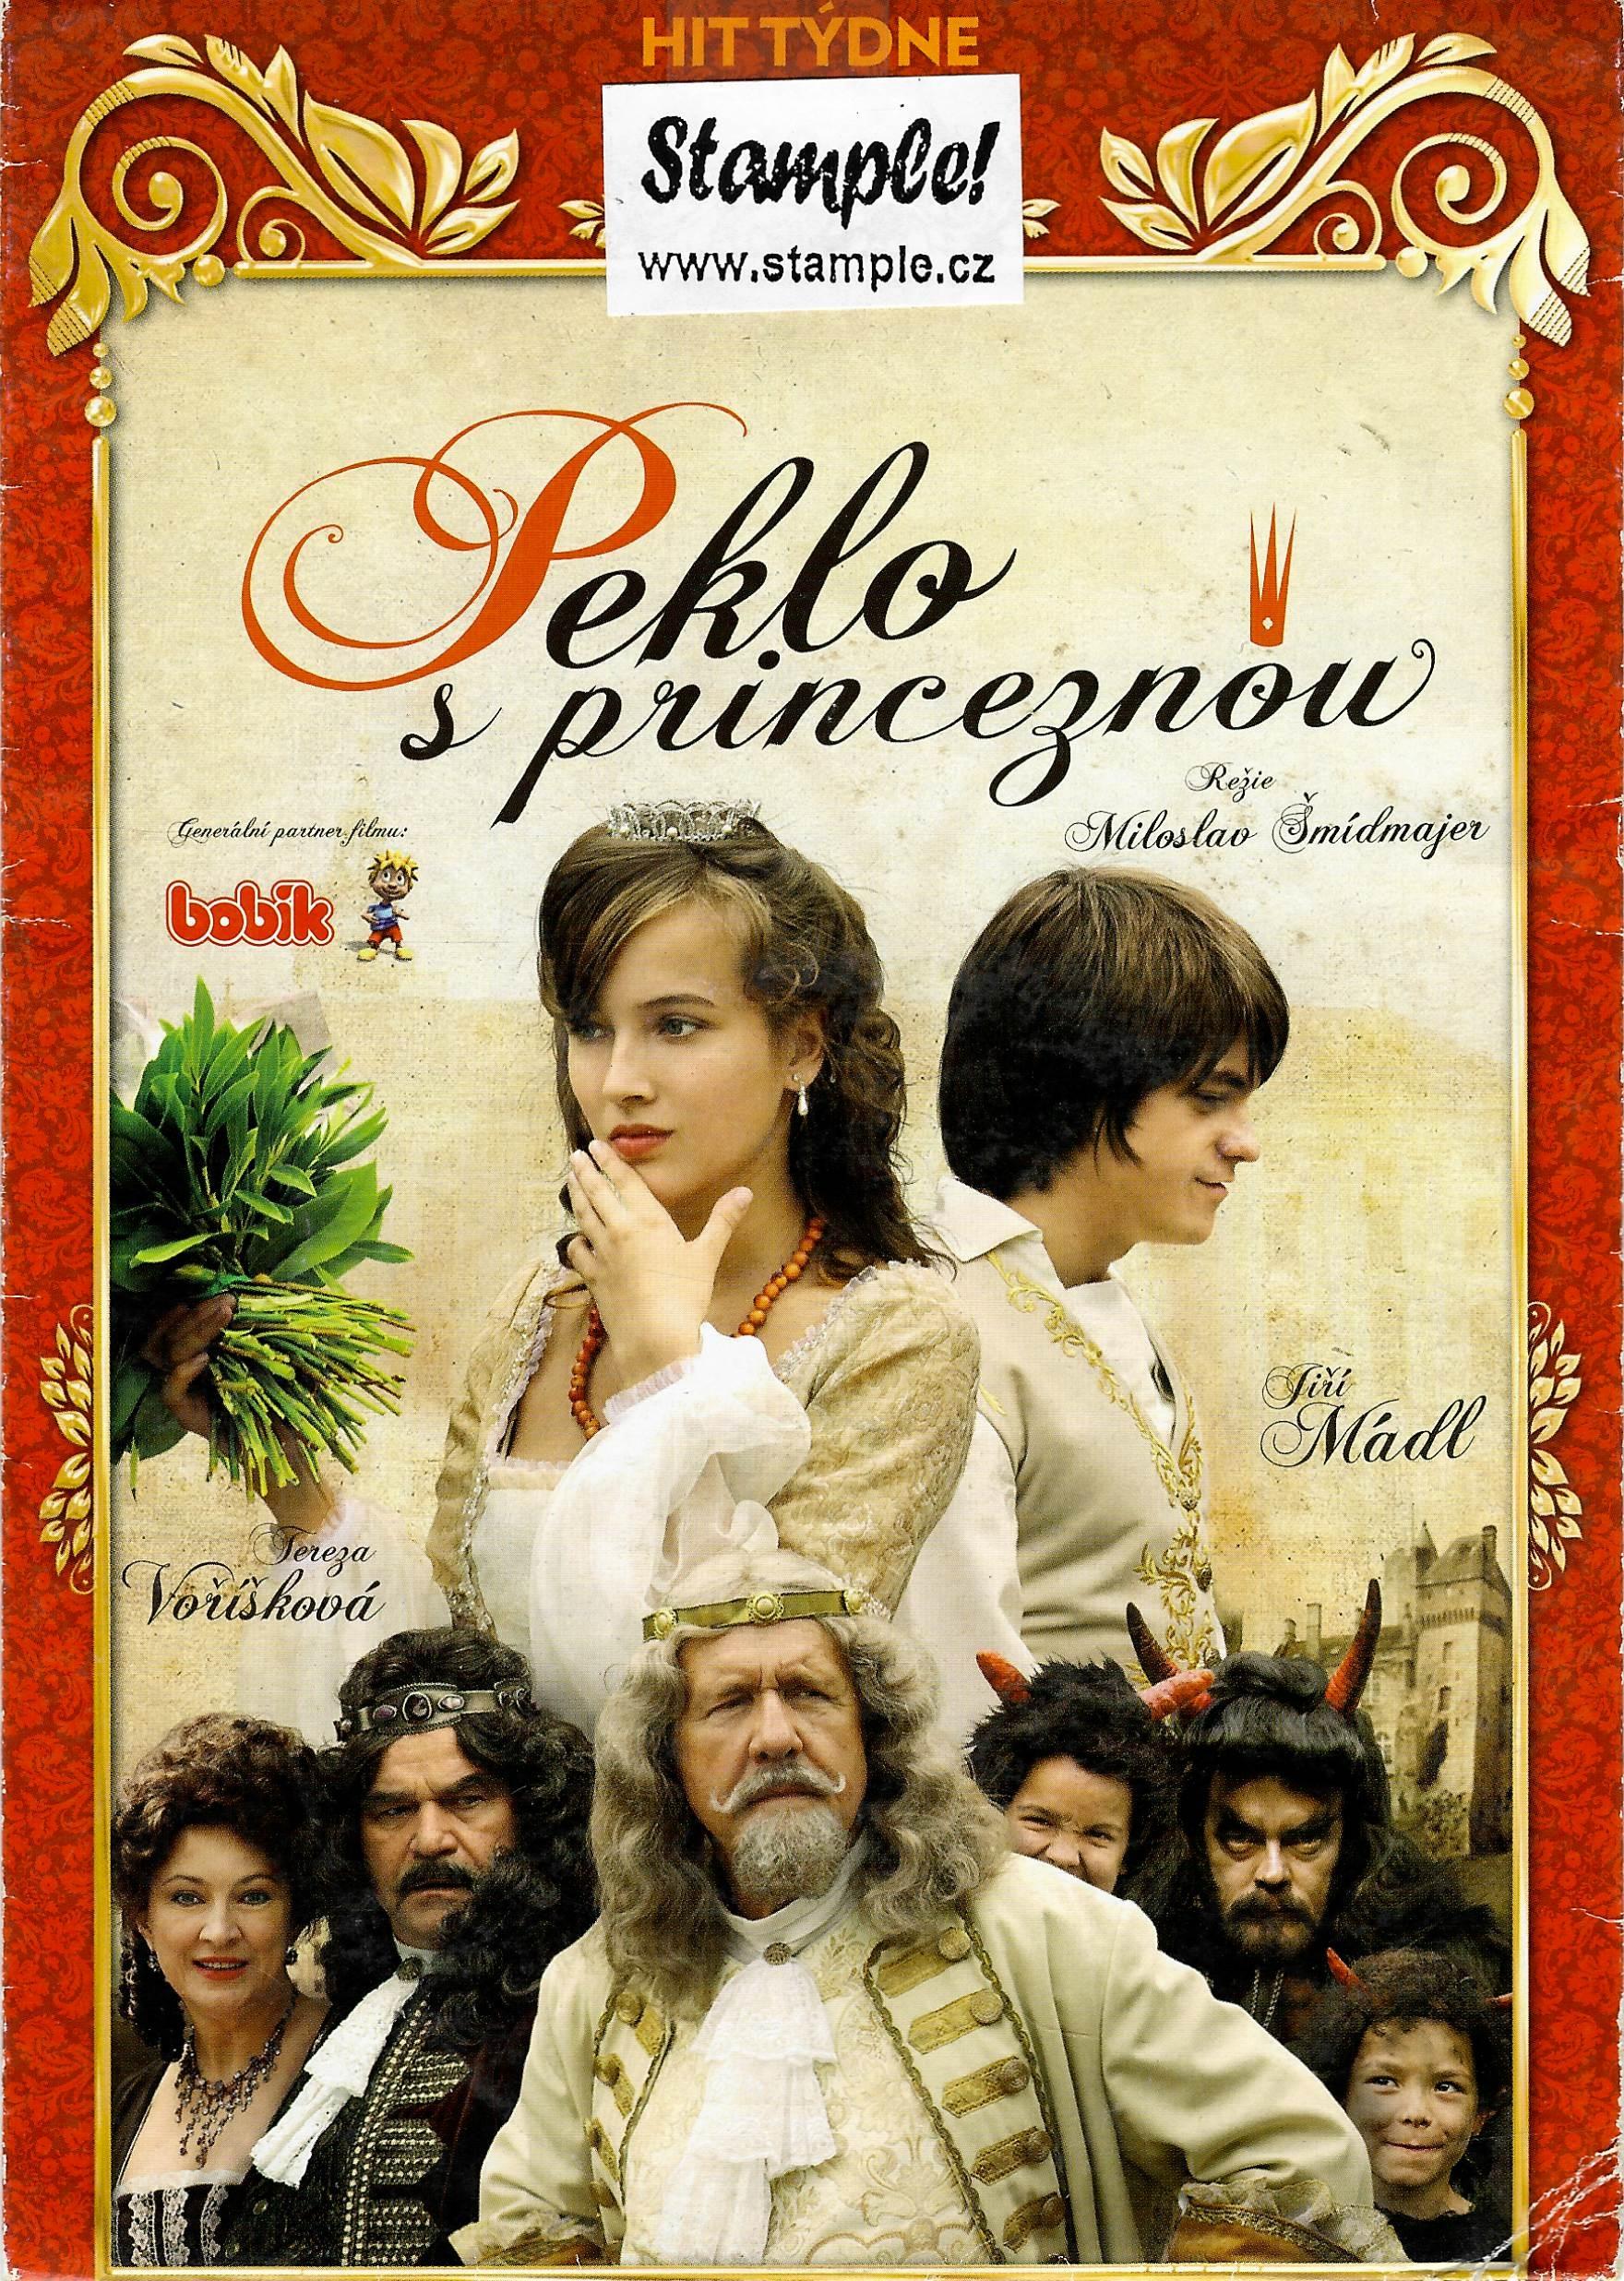 Peklo s princeznou - DVD pošetka - bazarové zboží